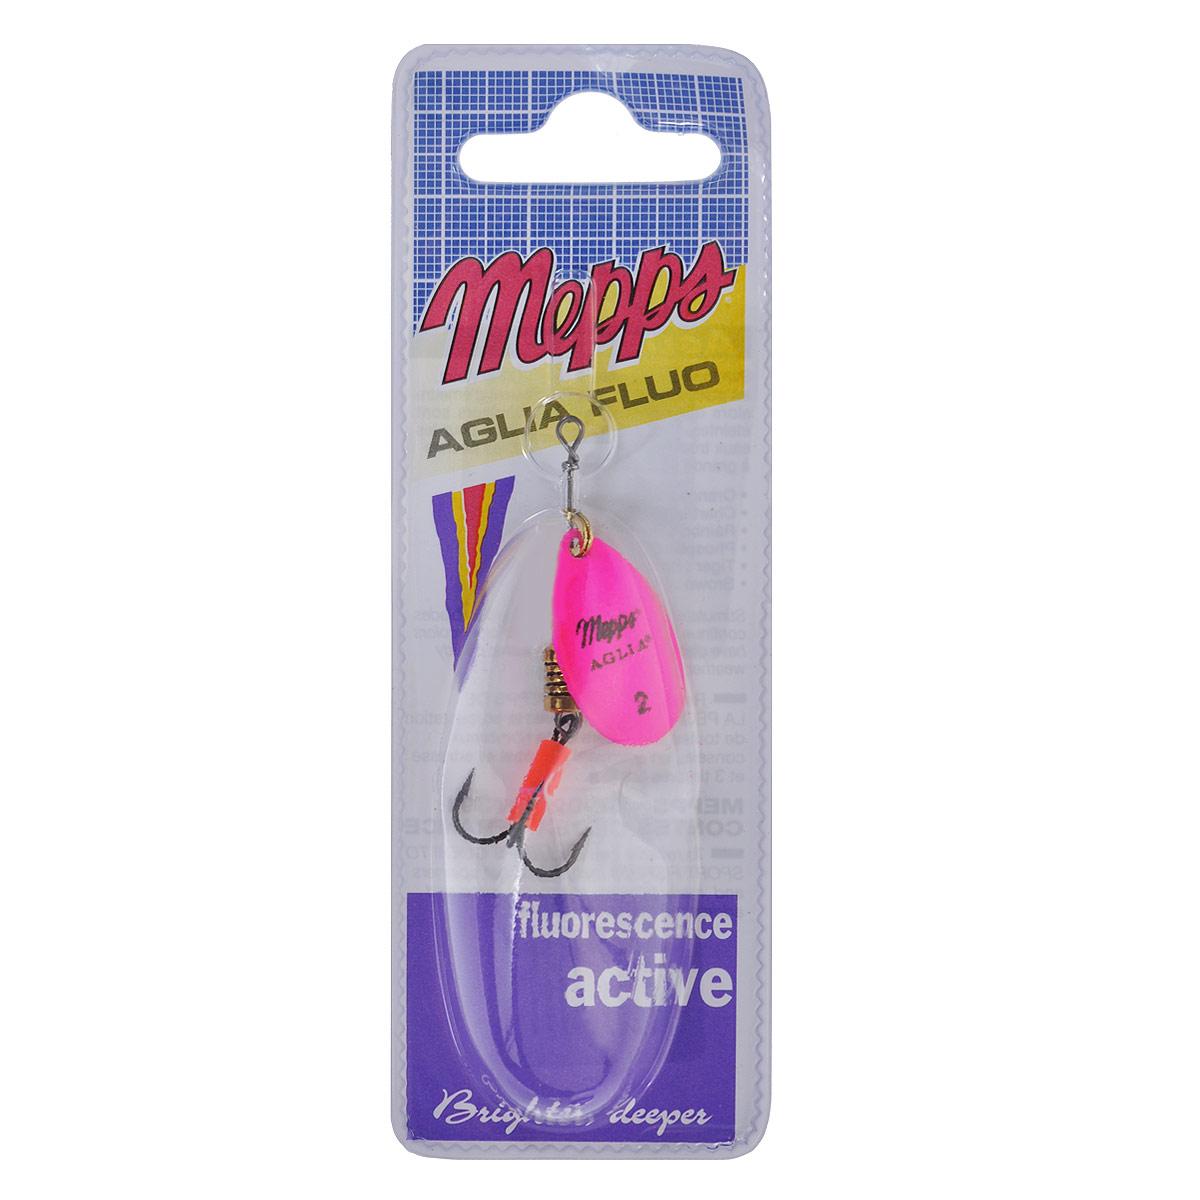 Блесна Mepps Aglia Fluo Rose, вращающаяся, №25780Вращающаяся блесна Mepps Aglia Fluo Rose выполнена в виде лепестка розового матового окраса, дающего преимущество при ловле рыбы в темное время суток, на большой глубине и в мутной воде. Такая блесна отлично видна даже при освещении ультрафиолетовыми лучами, доходящими до самых больших глубин. Стимулированная ультрафиолетом, она продолжает еще долго светиться.